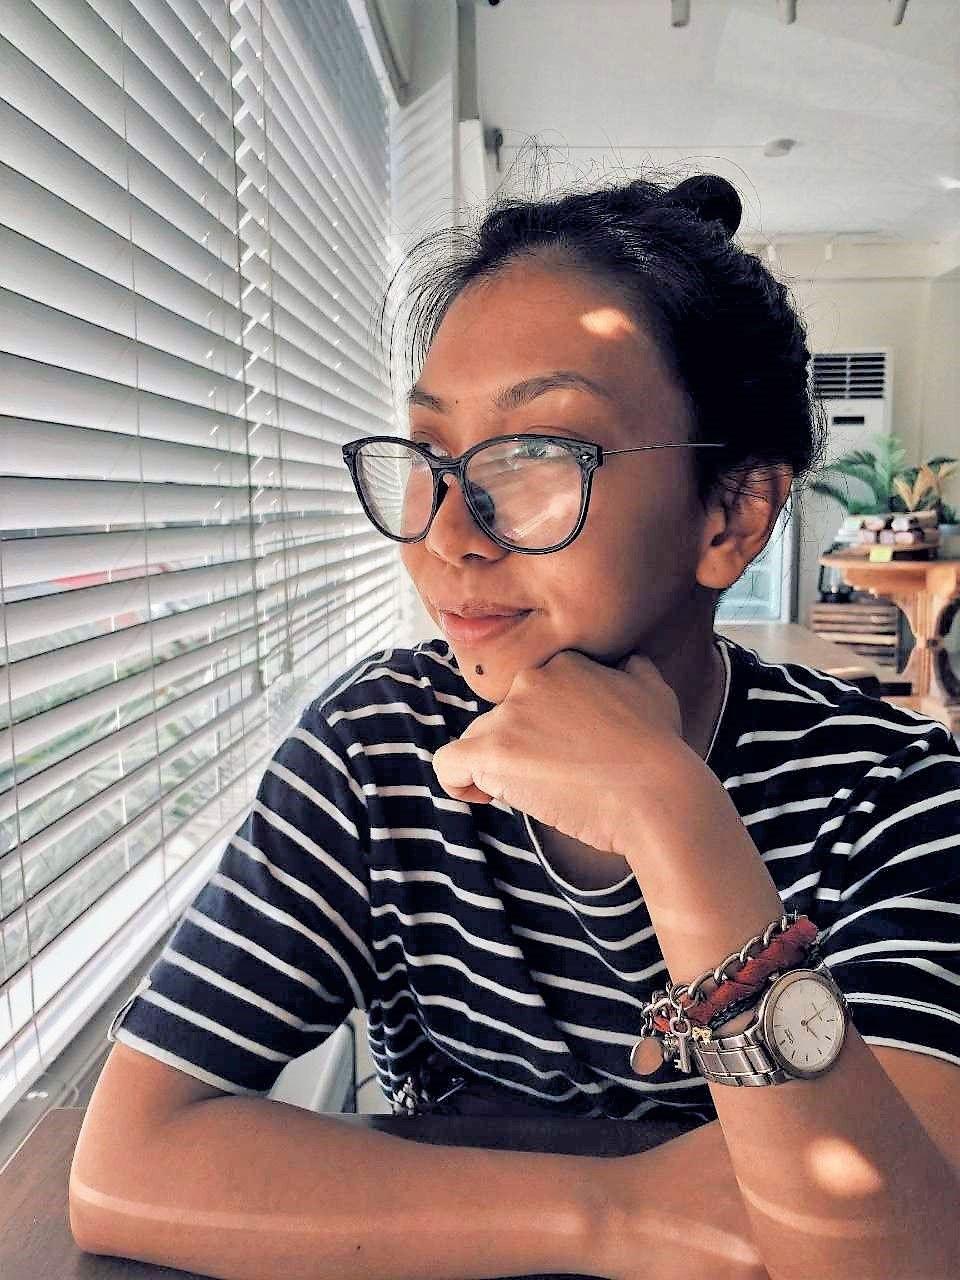 Famela Joy Dahonog